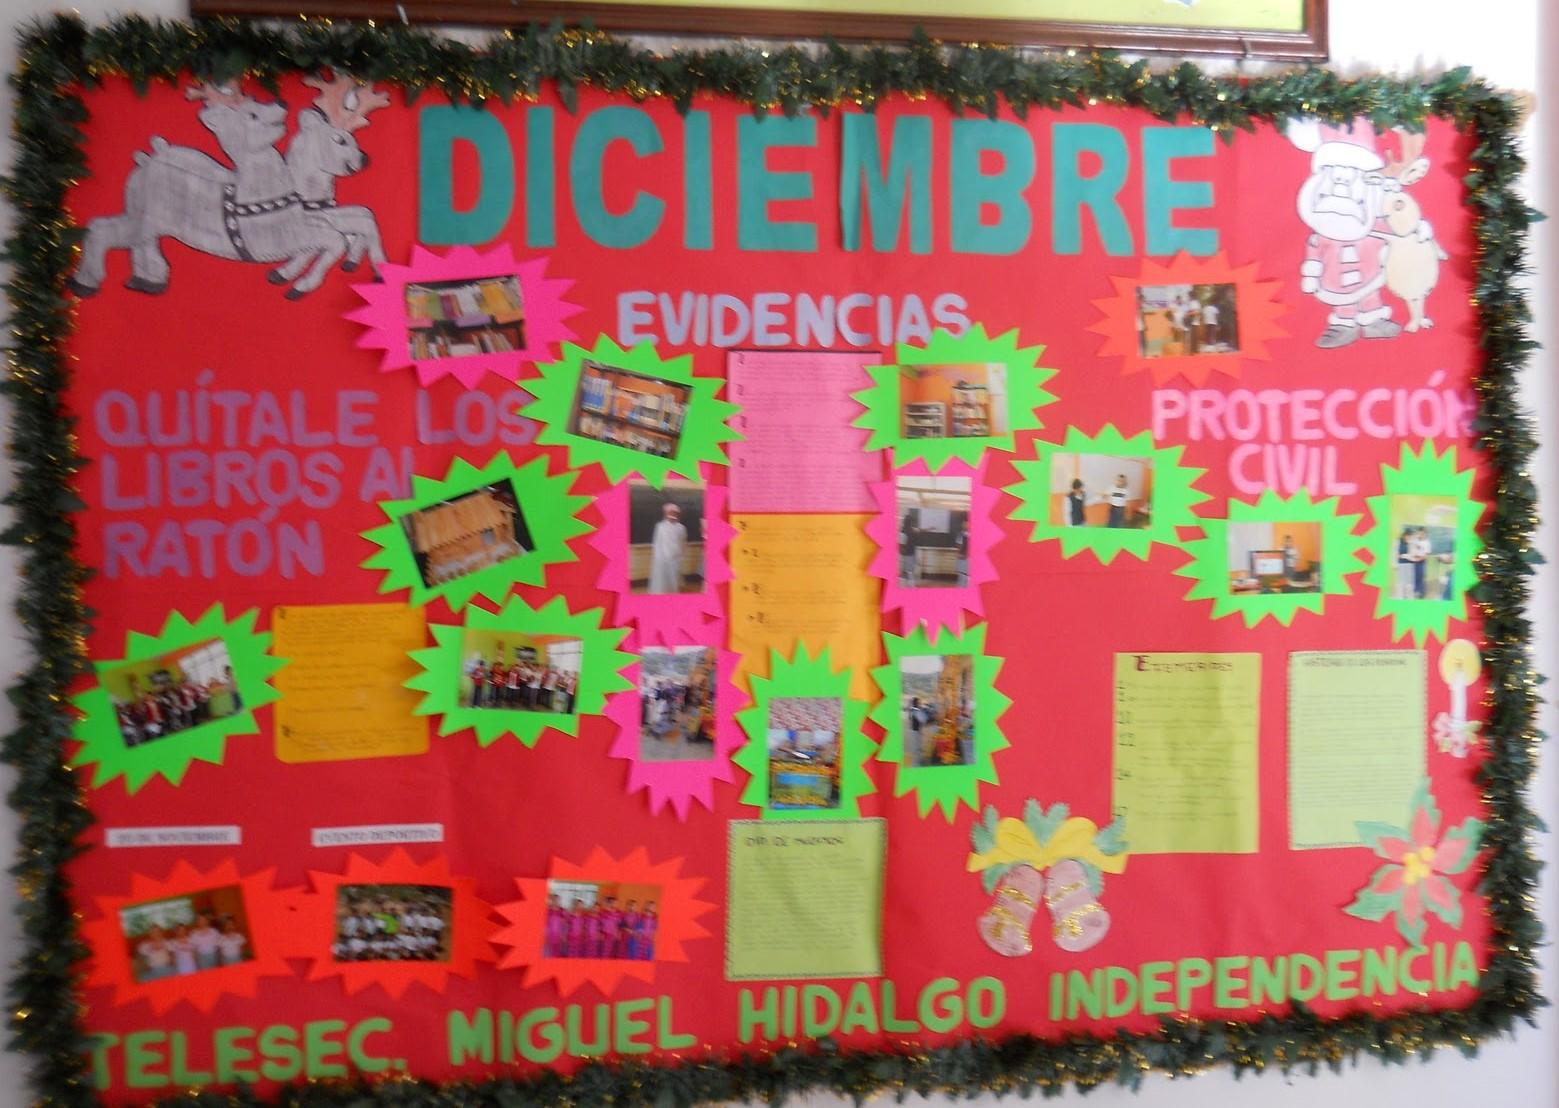 Periodico mural diciembre 6 imagenes educativas for Deportes para el periodico mural